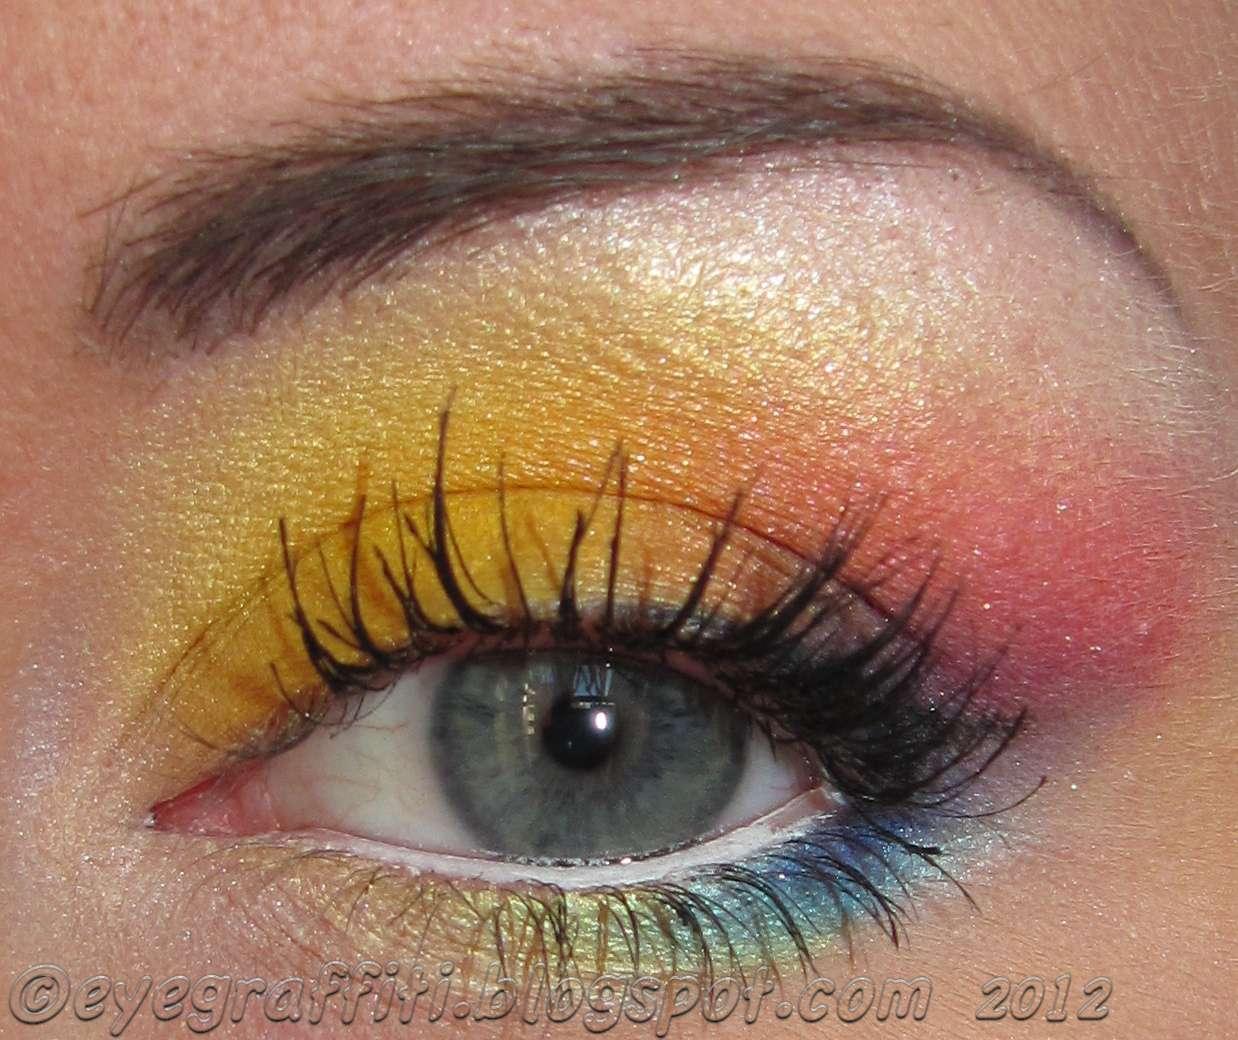 Sunset makeup يجننننننن IMG_0269wtmk.jpg